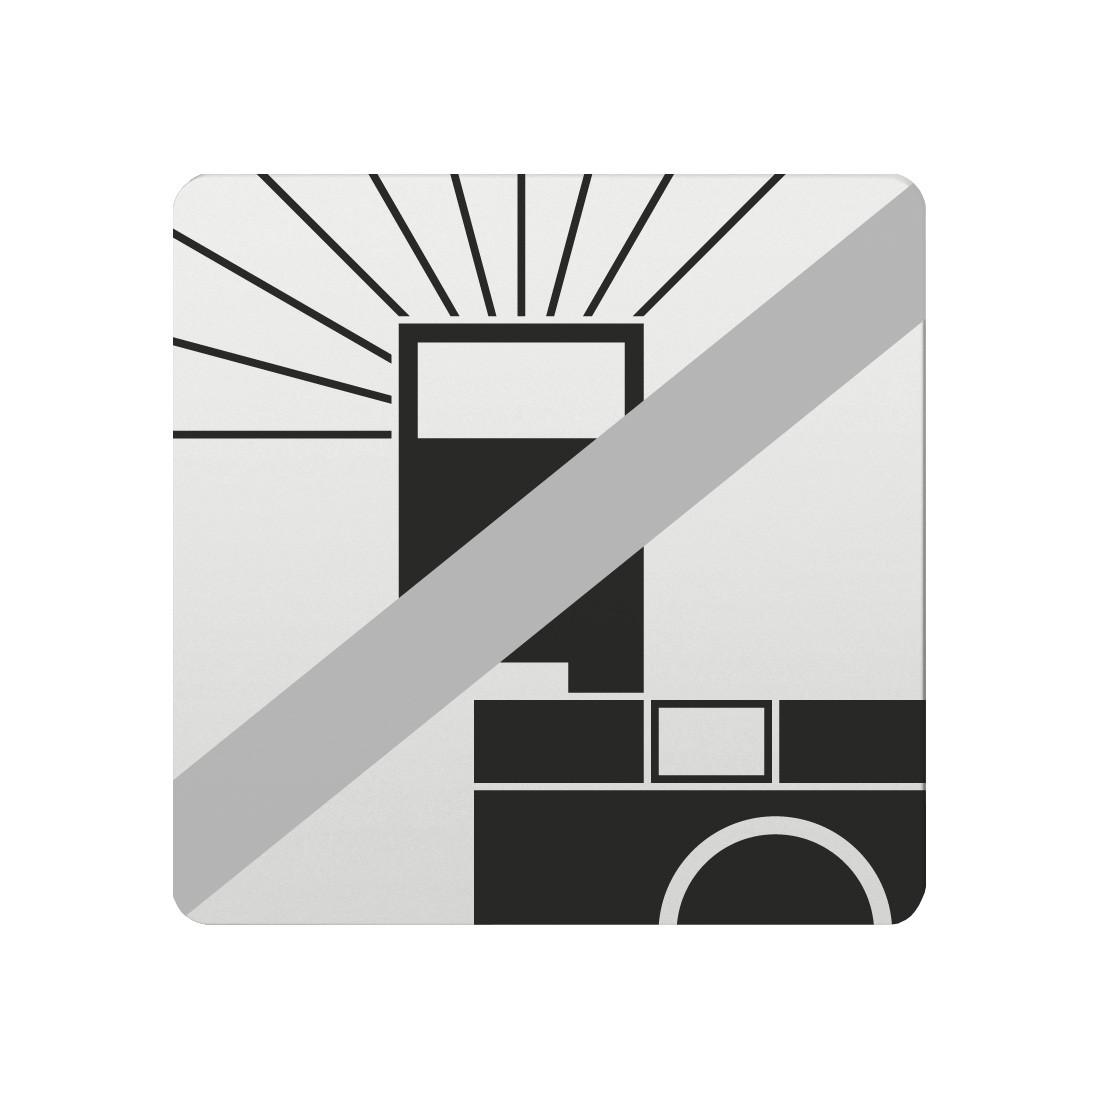 FSB Hinweiszeichen Blitz verboten Lasergraviert Aluminium naturfarbig (0 36 4059 00035 0105)